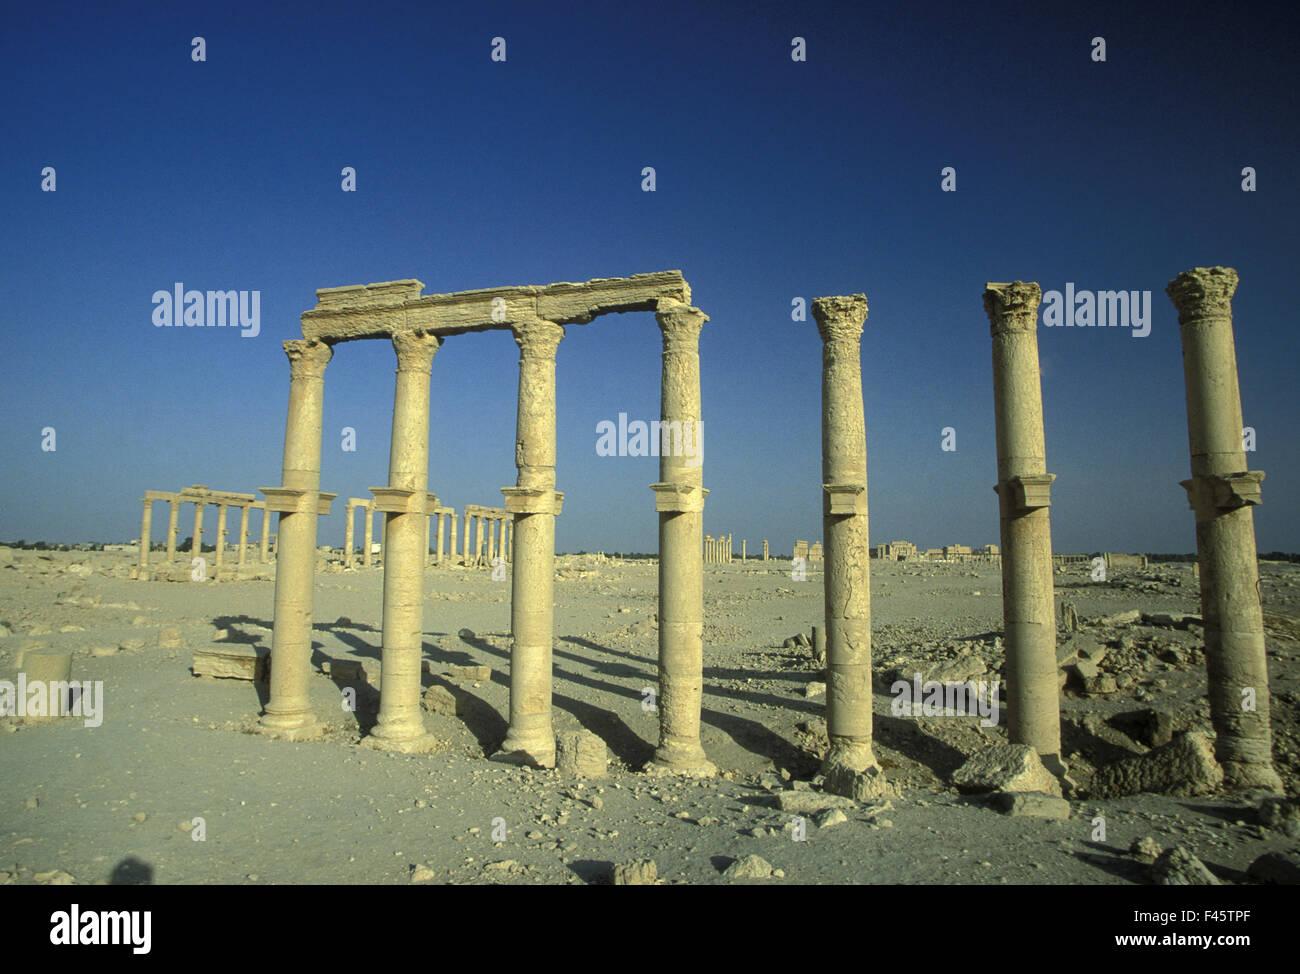 SYRIA PALMYRA ROMAN RUINS - Stock Image